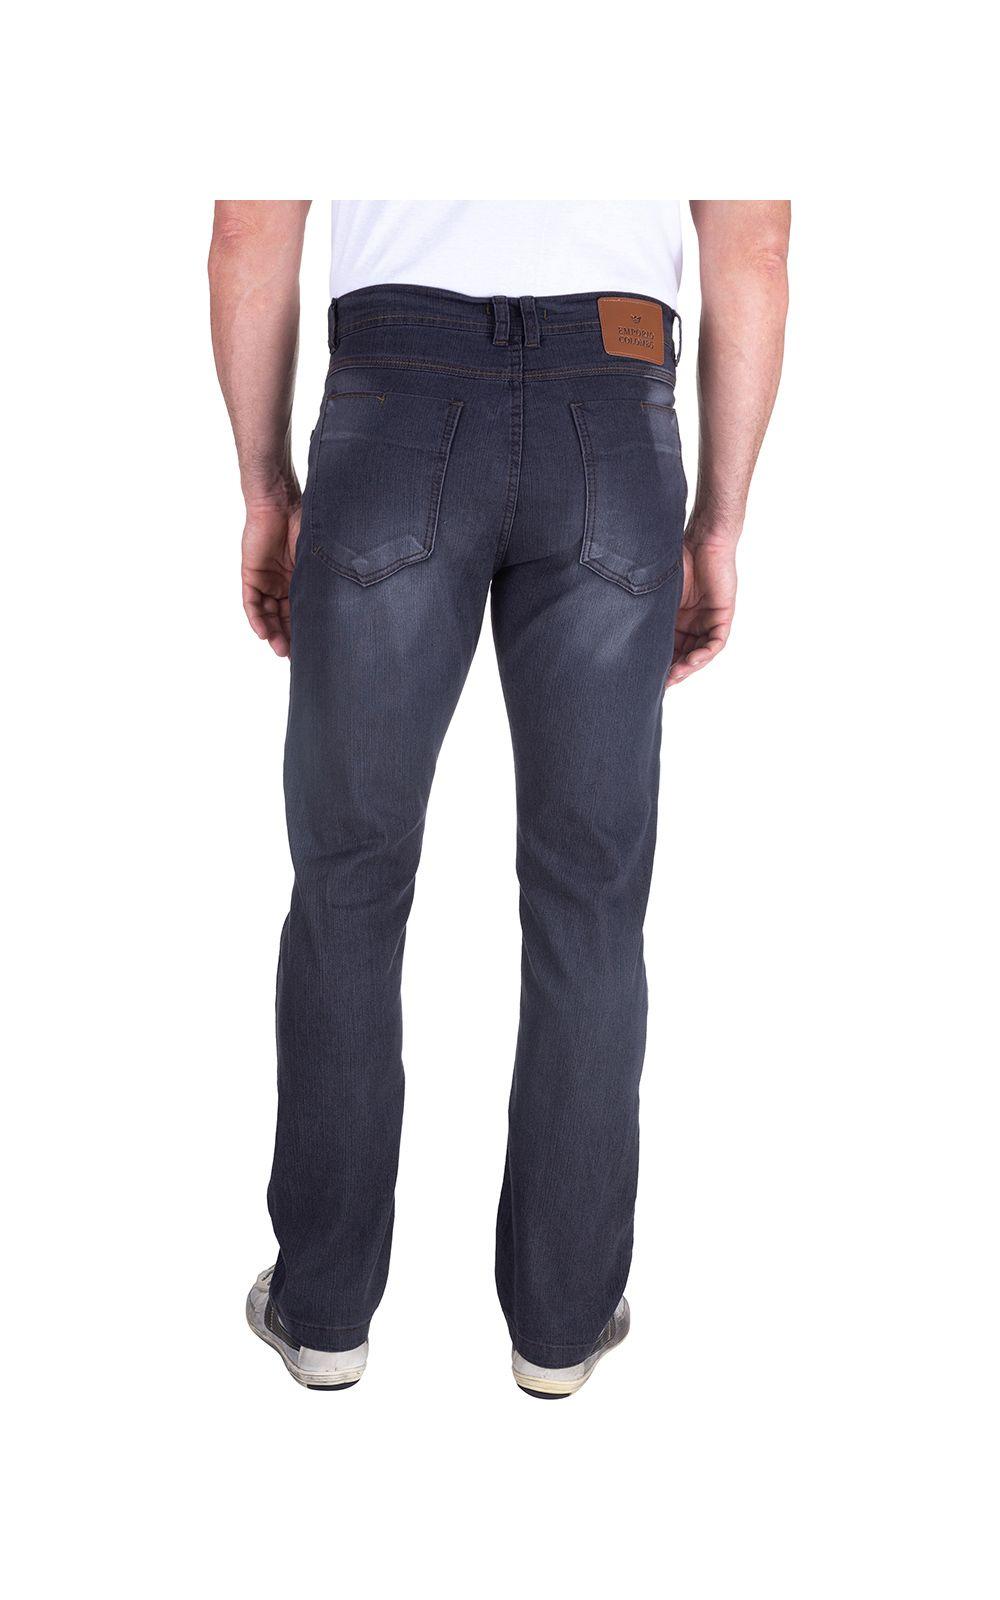 Foto 2 - Calça Jeans Masculina Preta Lisa